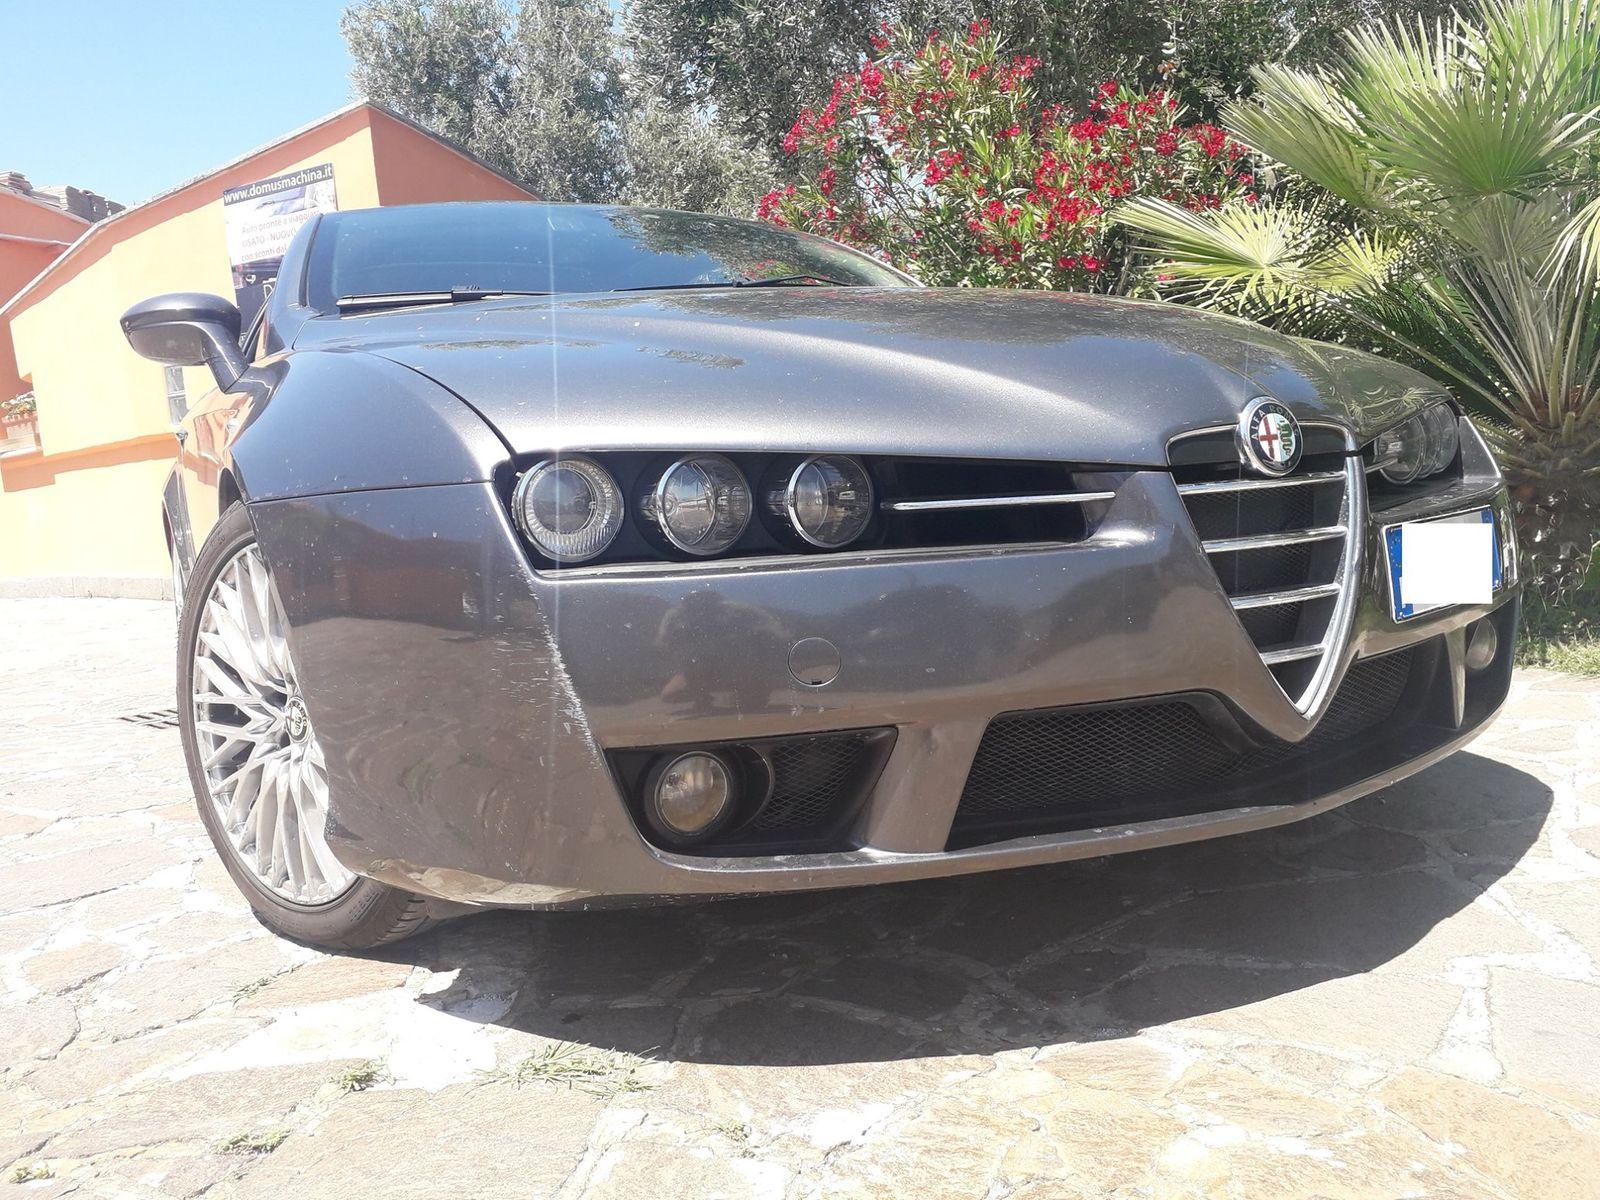 Alfa Romeo Brera 3.2 JTS V6 Q4, Unica Emozione.